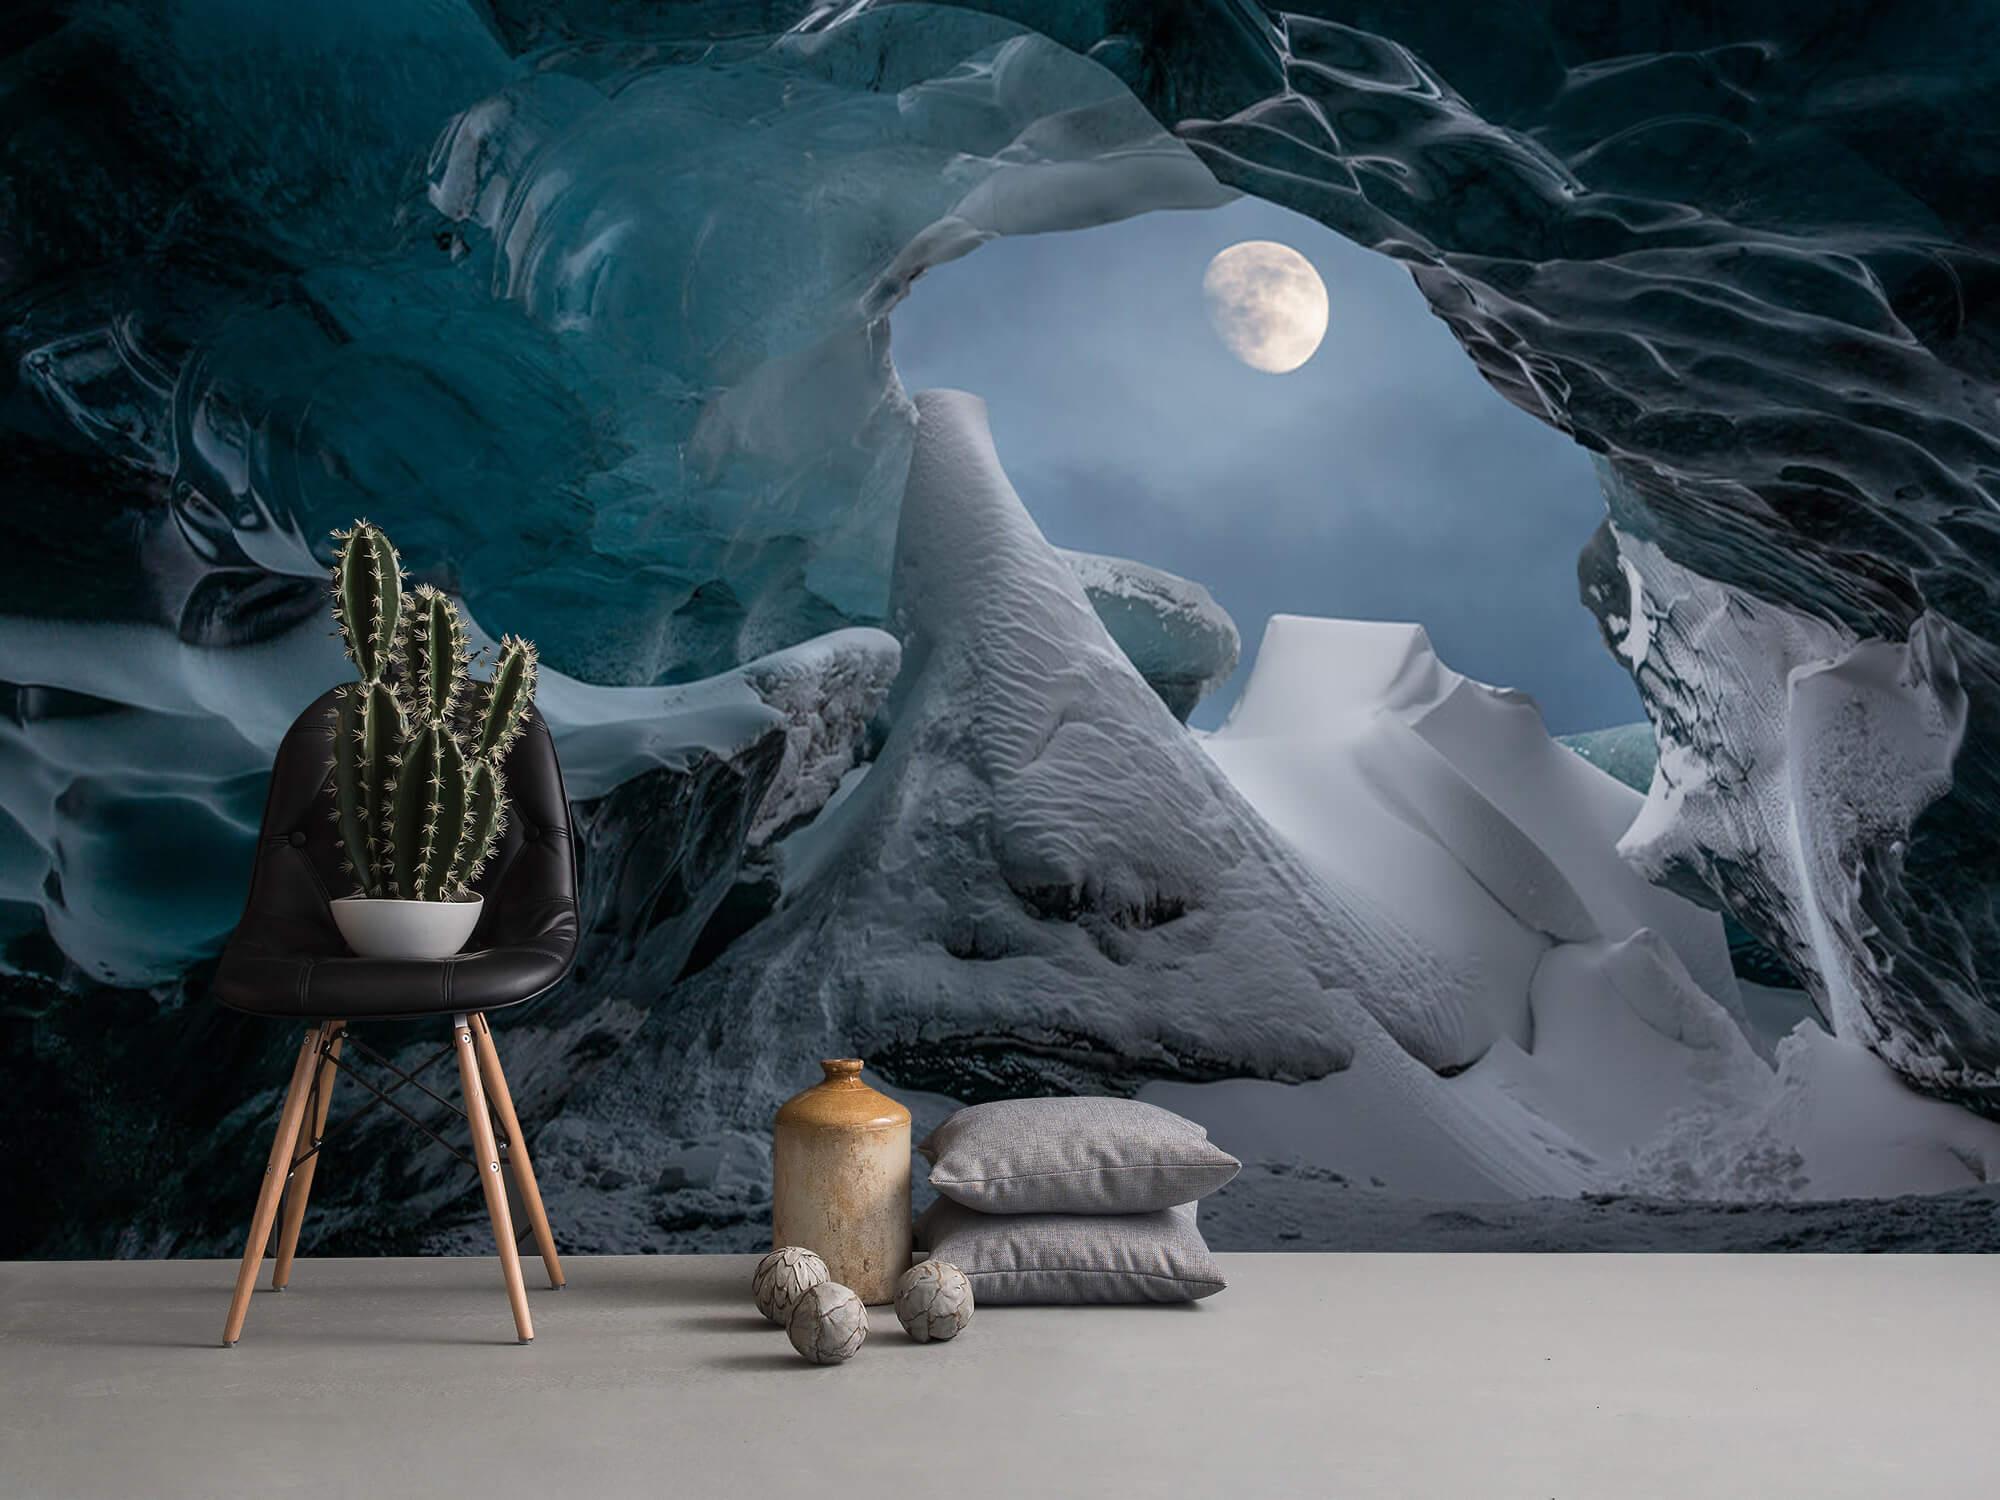 Ice cave 11